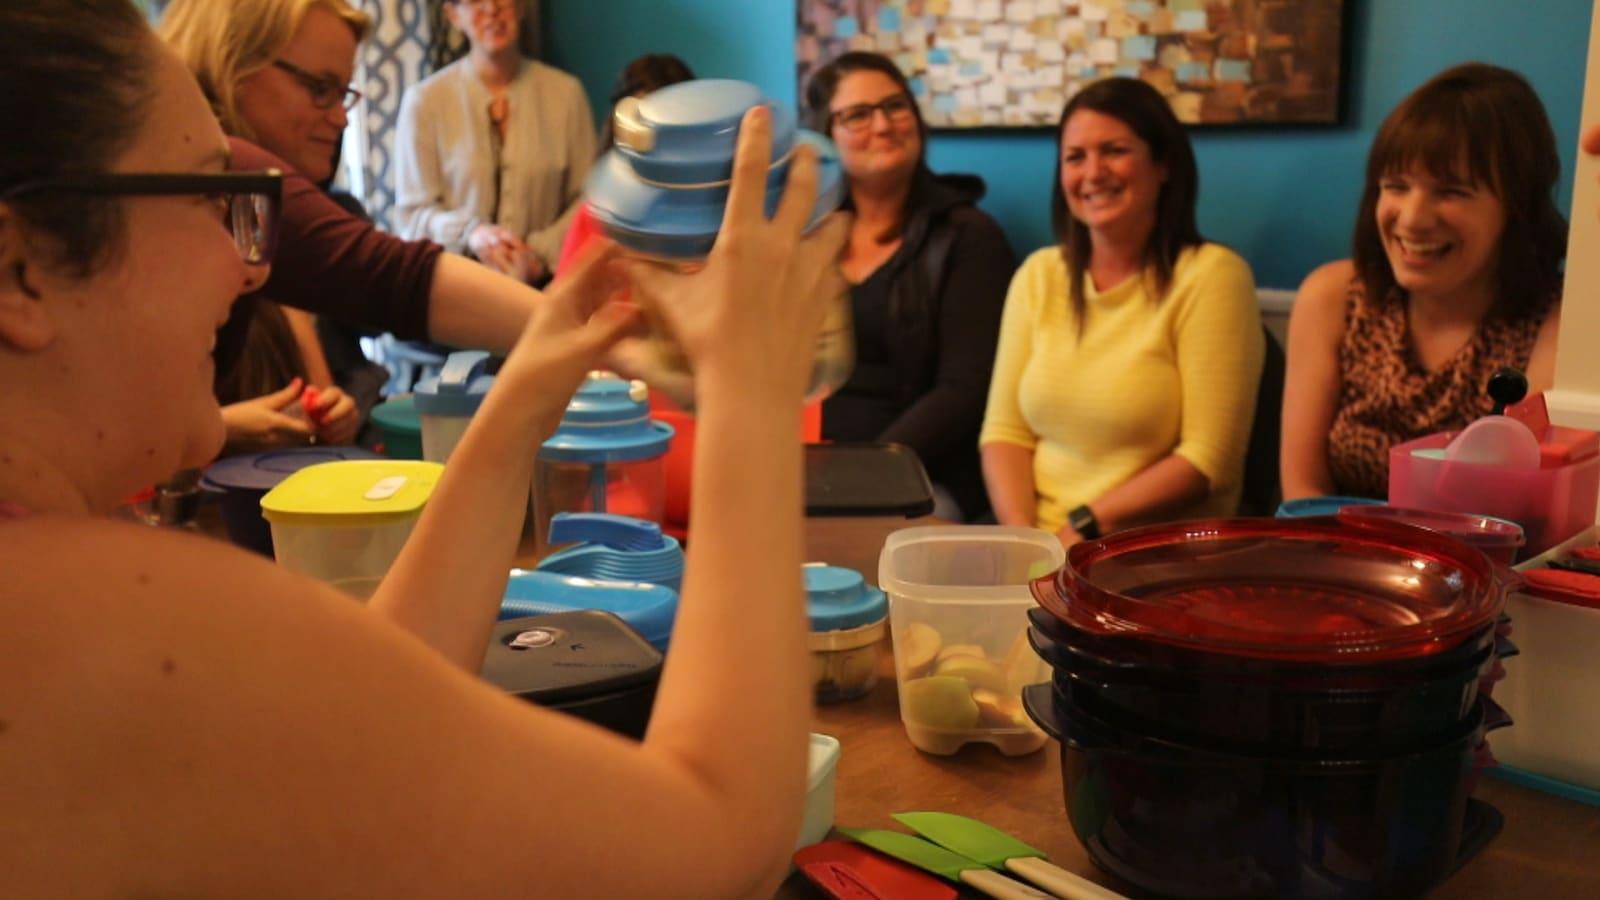 Des femmes autour d'une table avec des Tupperware sur la table.